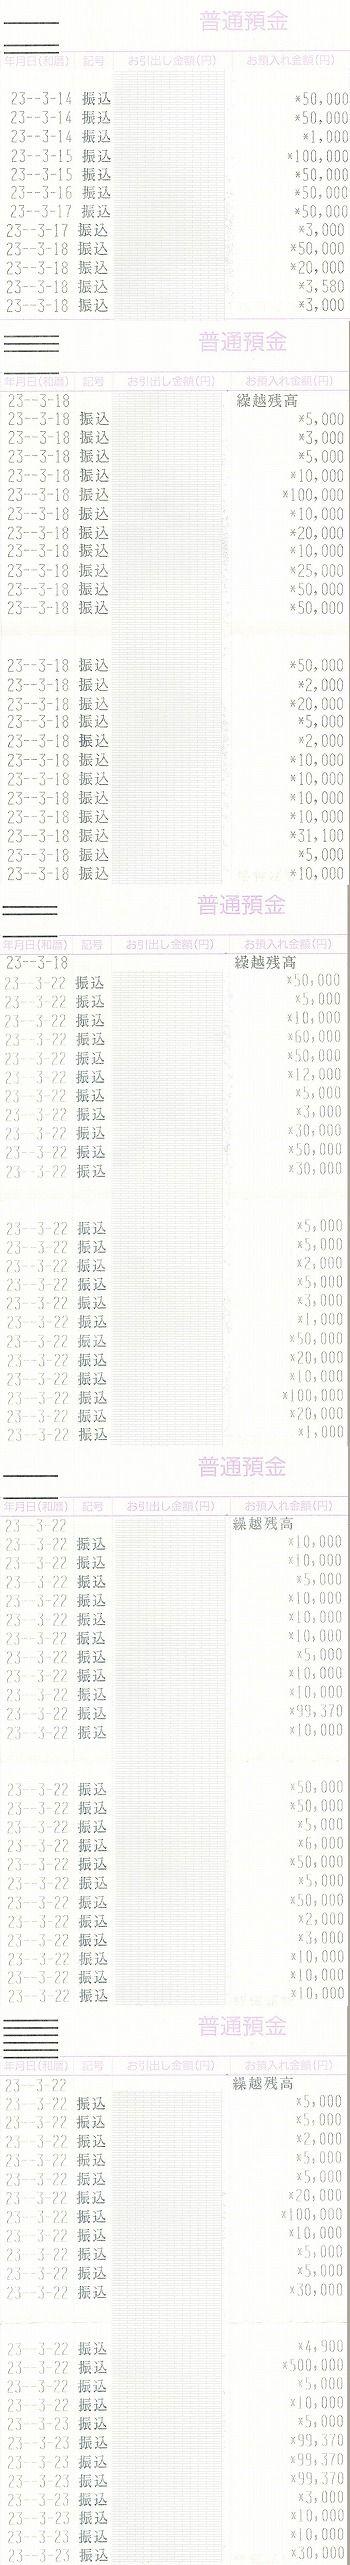 美鈴公式サイト募金係0311震災募金1-5